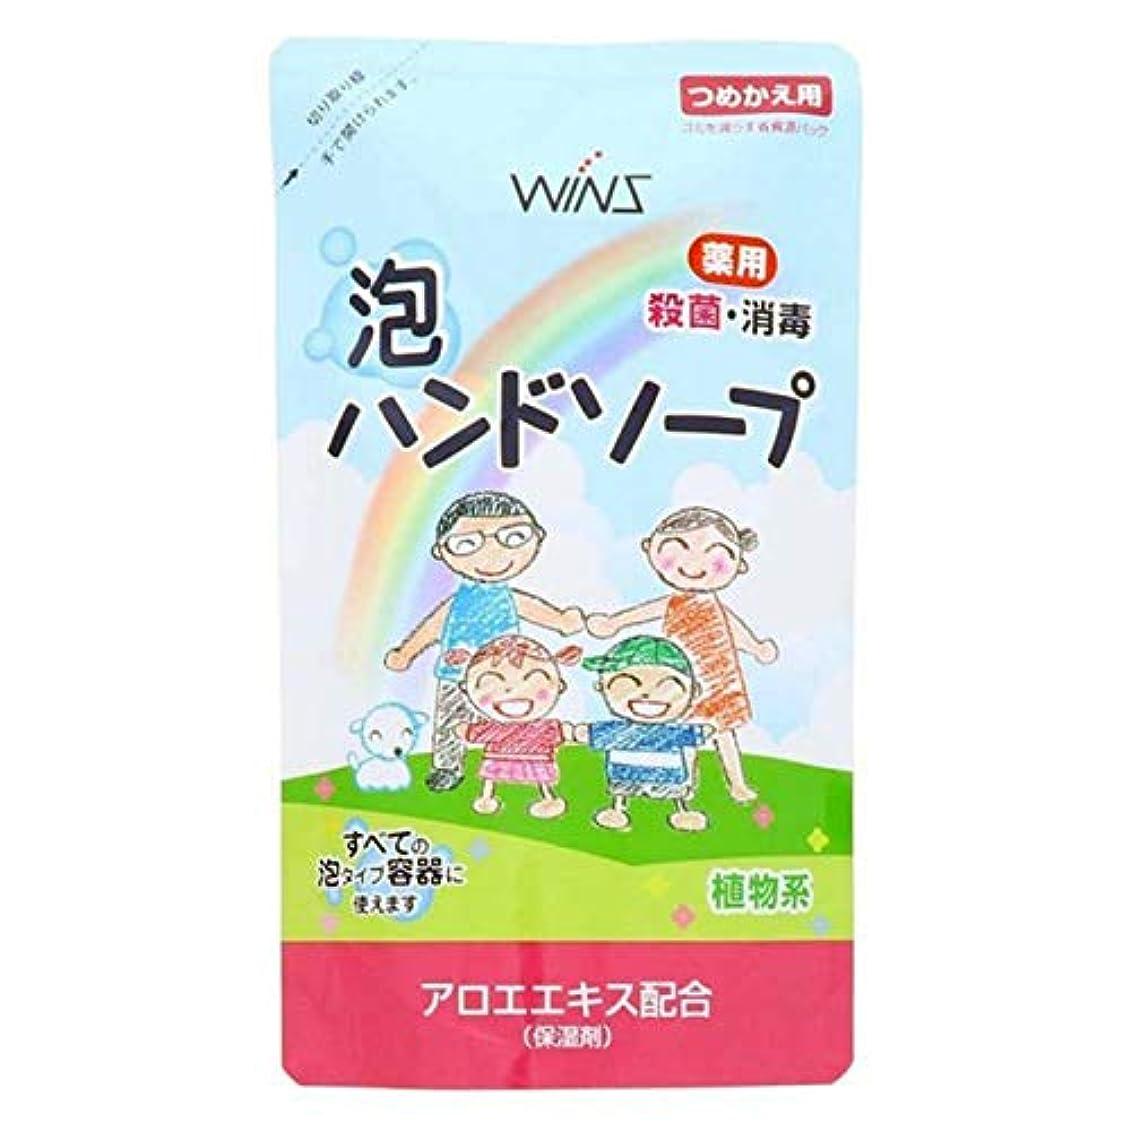 モス感染する組立ウインズ 薬用泡ハンドソープ 詰替 200mL 日本合成洗剤